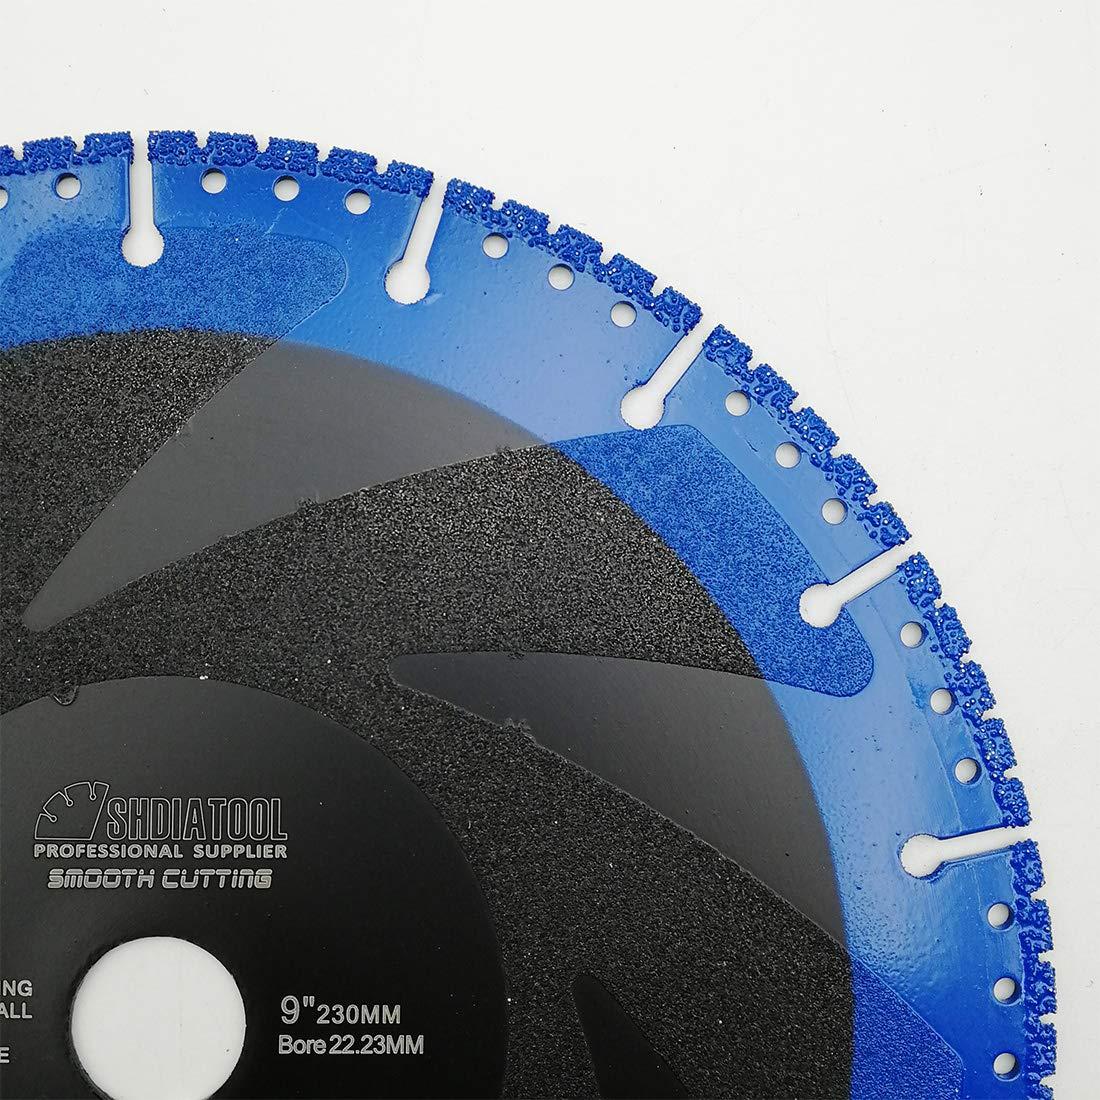 Hoja de Demolici/ón Para Granito M/ármol Hierro Di/ámetro 125mm Paquete de 2 DIATOOL Hoja de Diamante Soldada al Vac/ío para Multiprop/ósito